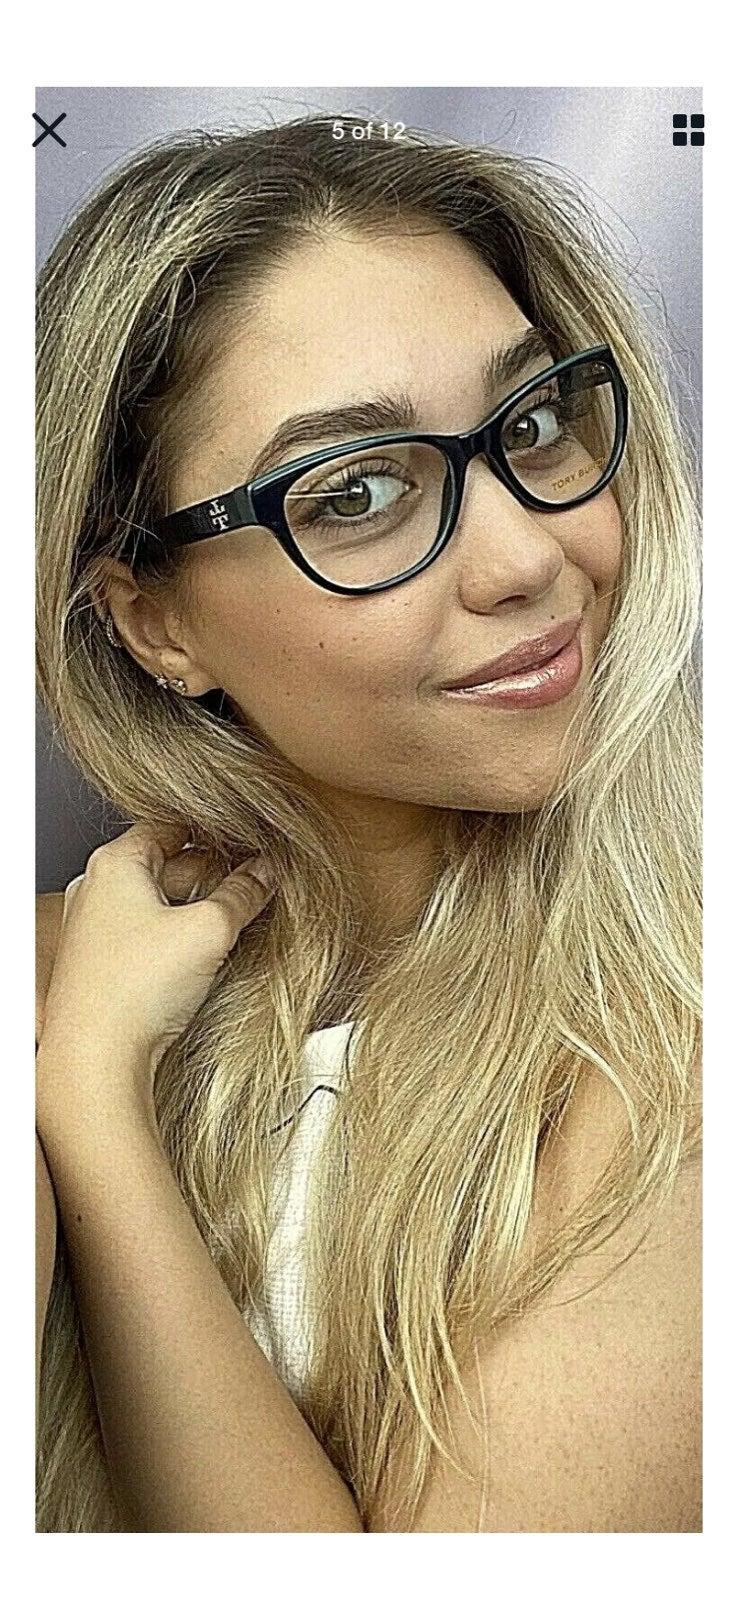 New Tory Burch Women's Eyeglasses Frame